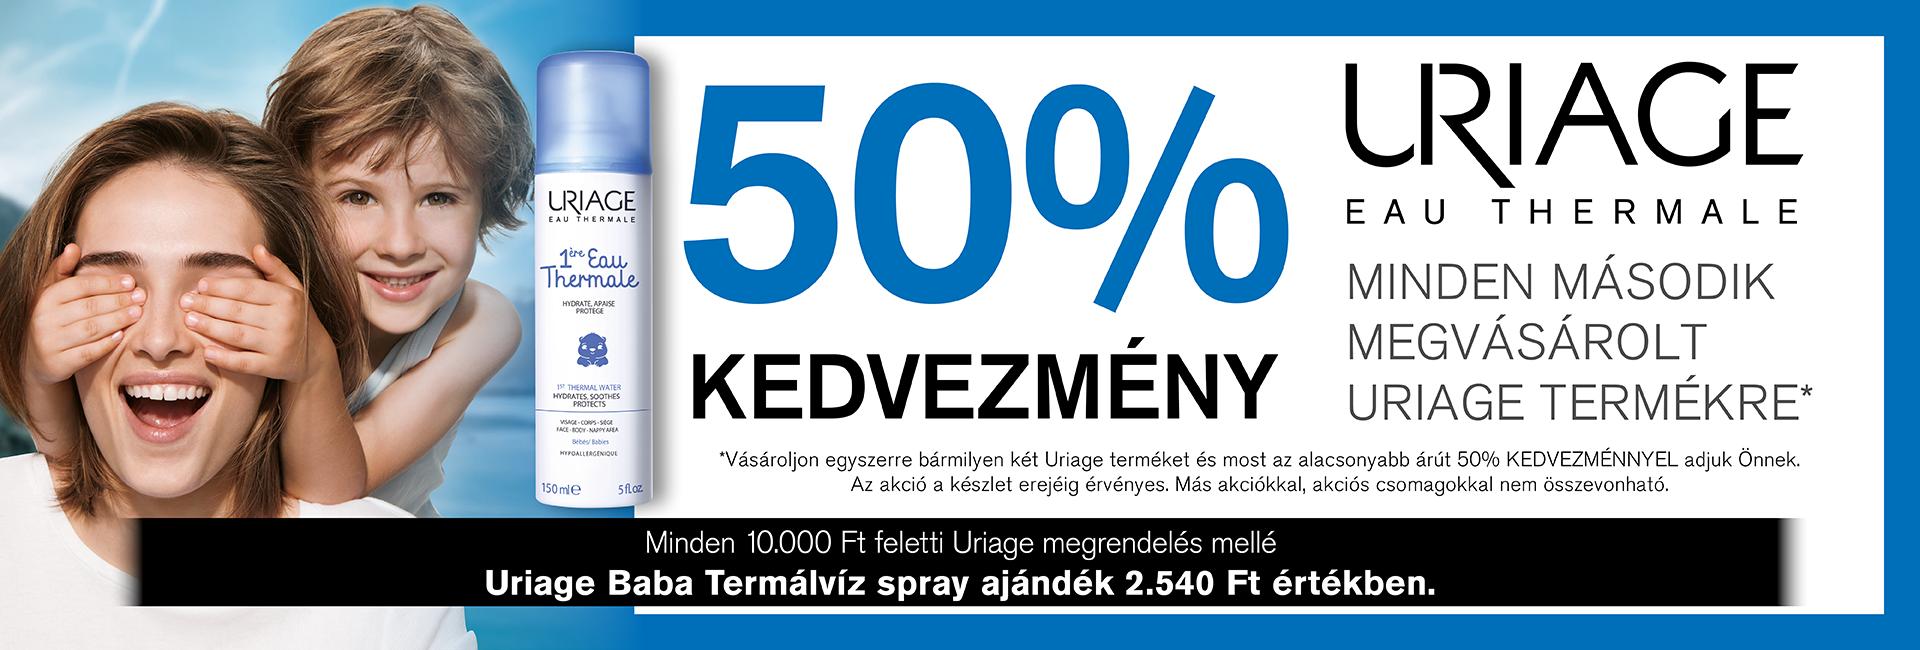 2020. január 15-ig 50% kedvezményt adunk a második Uriage termékre!